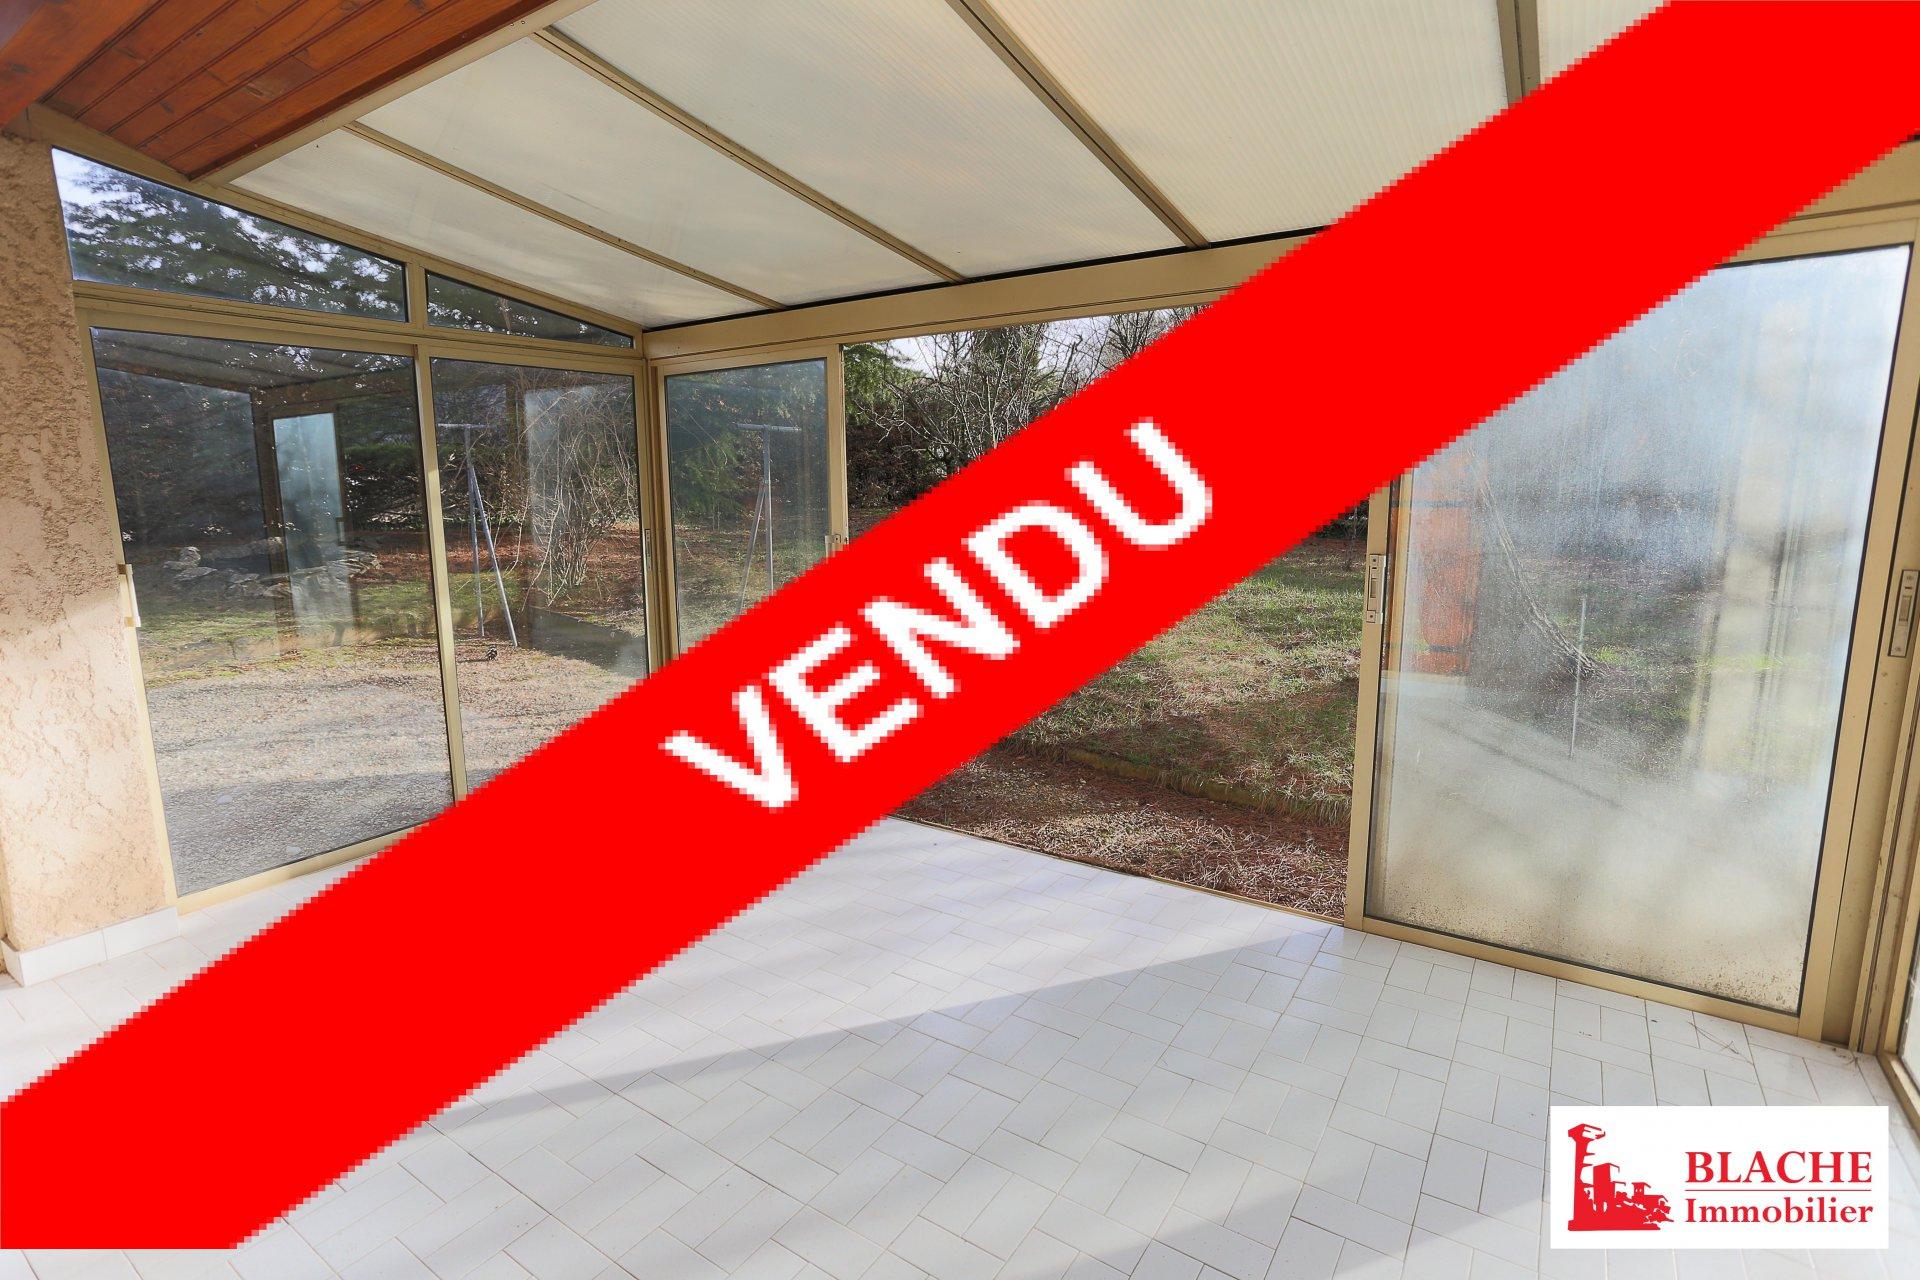 Vente Villa - Cliousclat